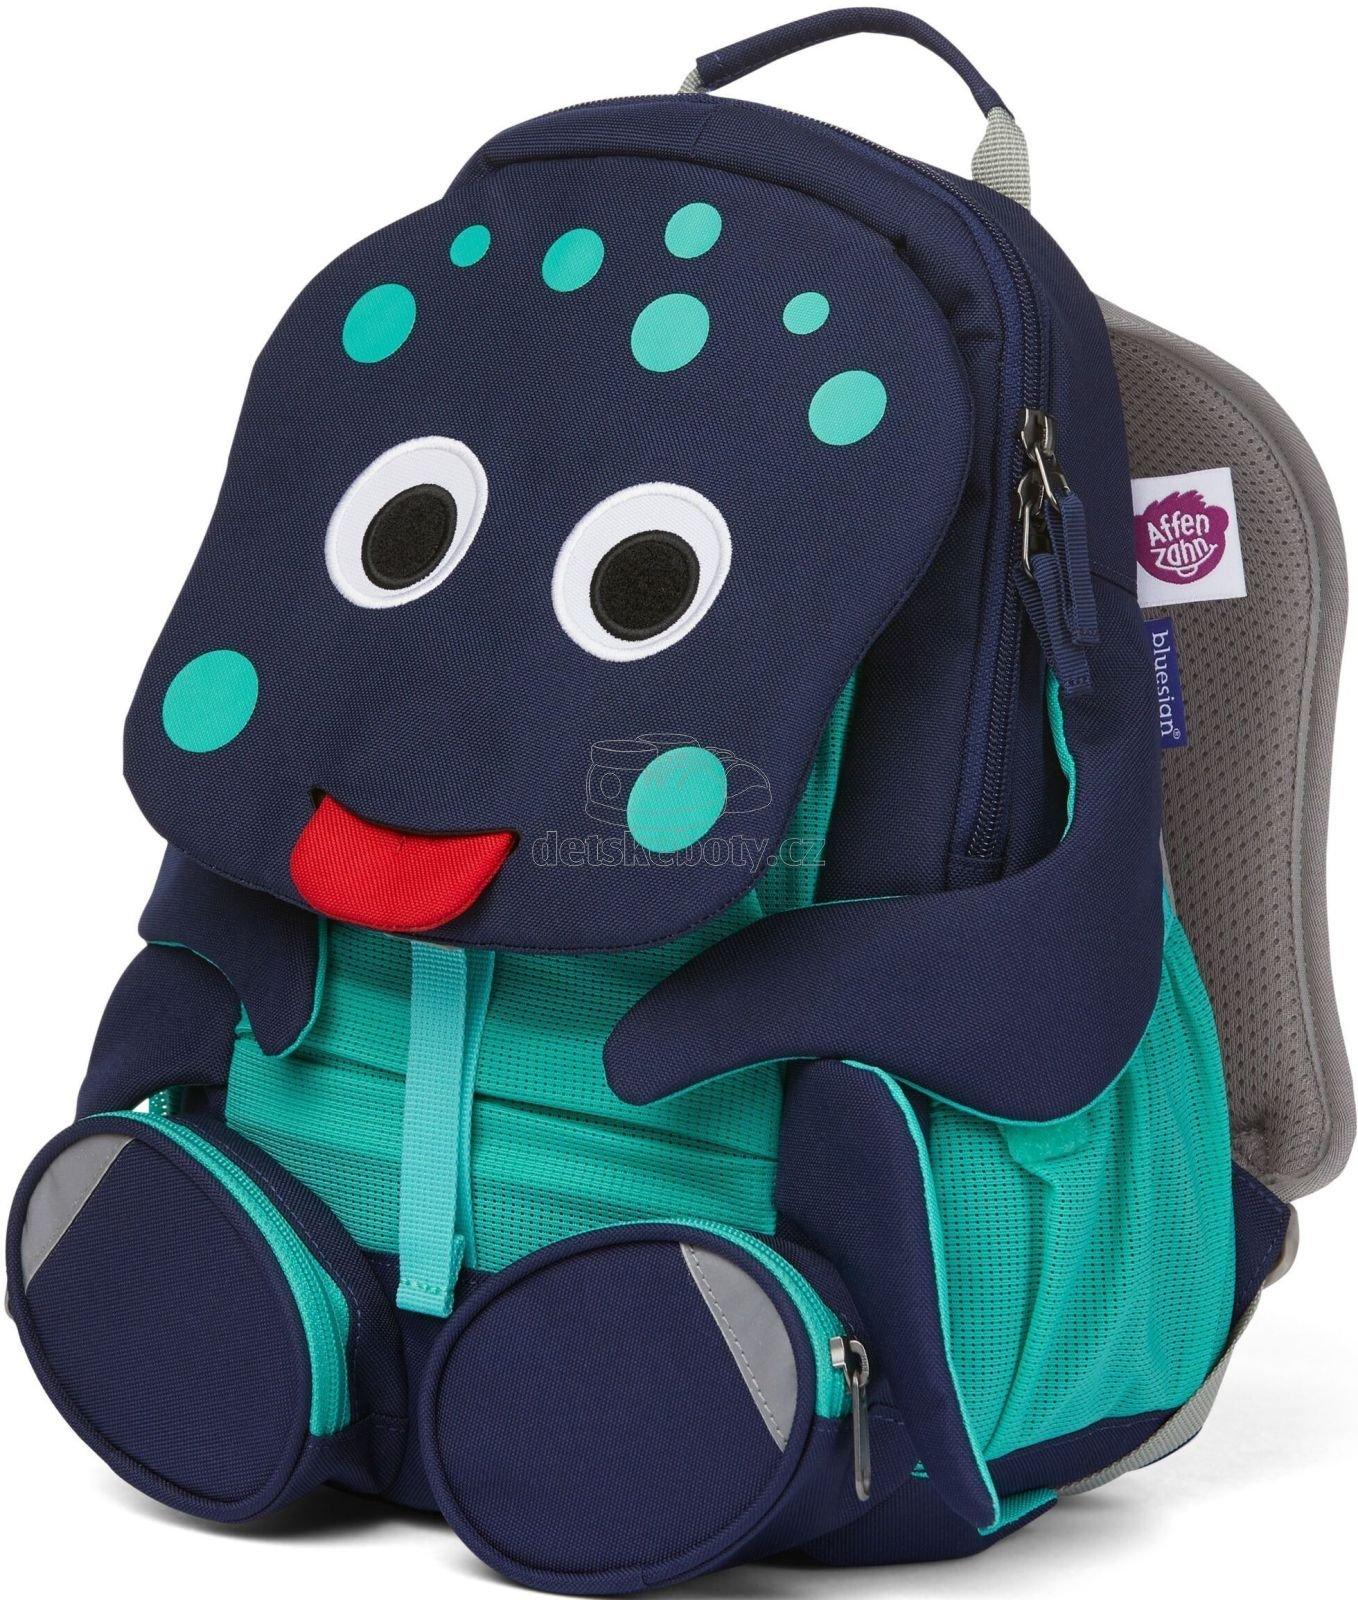 Dětský batoh do školky Affenzahn Large Friend Octopus - blue